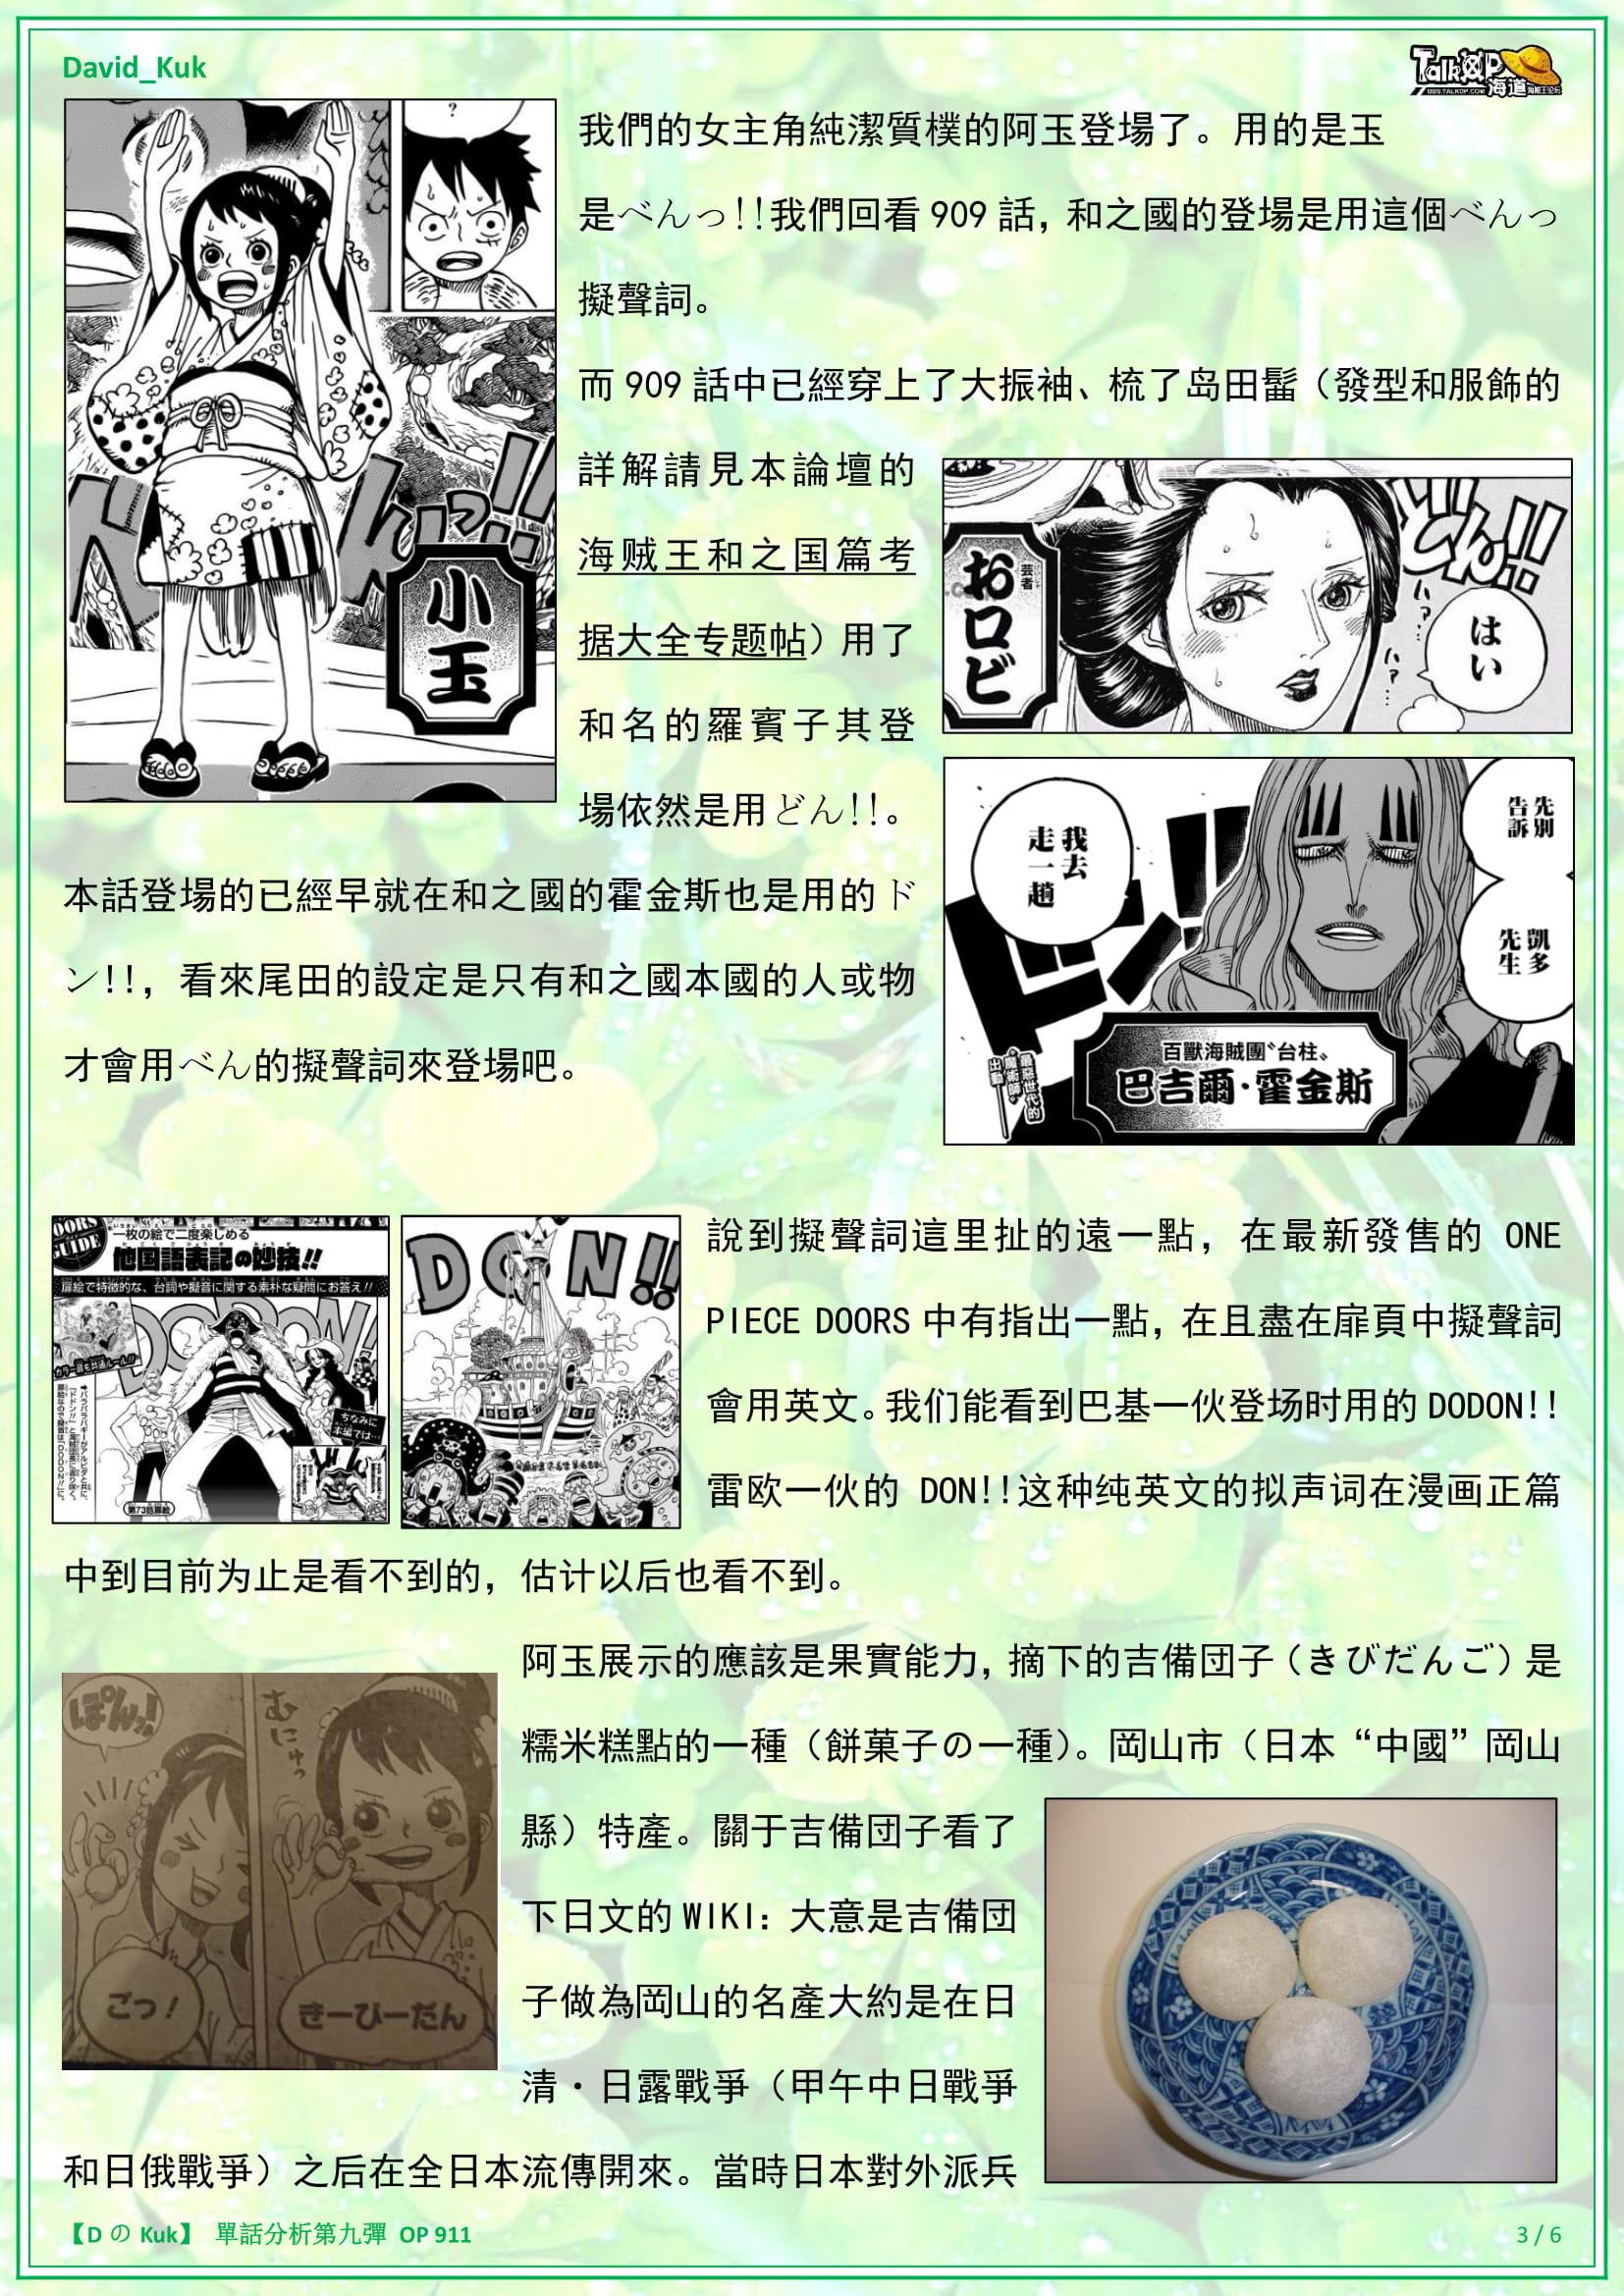 【DのKuk】 單話分析第九彈 OP911v2.-3.jpg